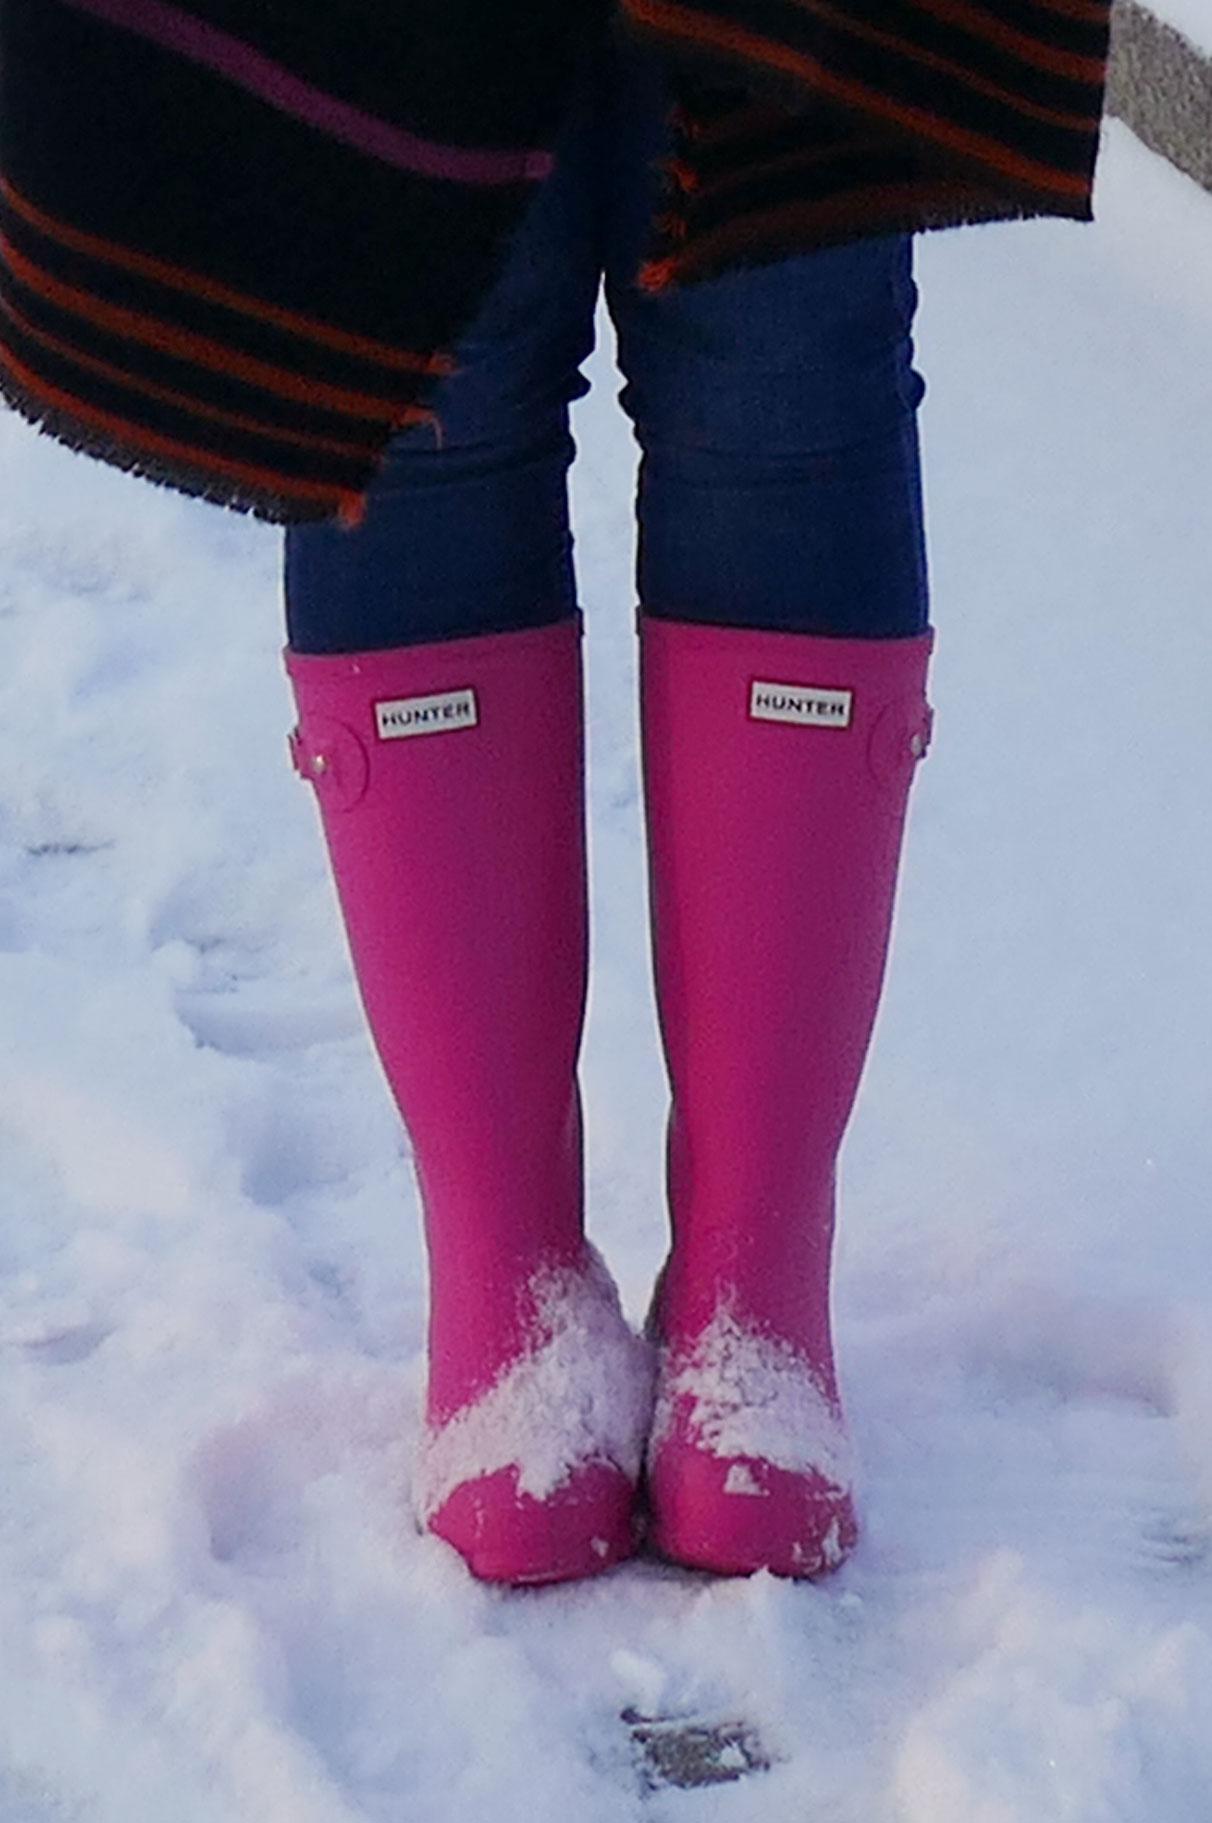 Hooray_snow_gumboots.jpg